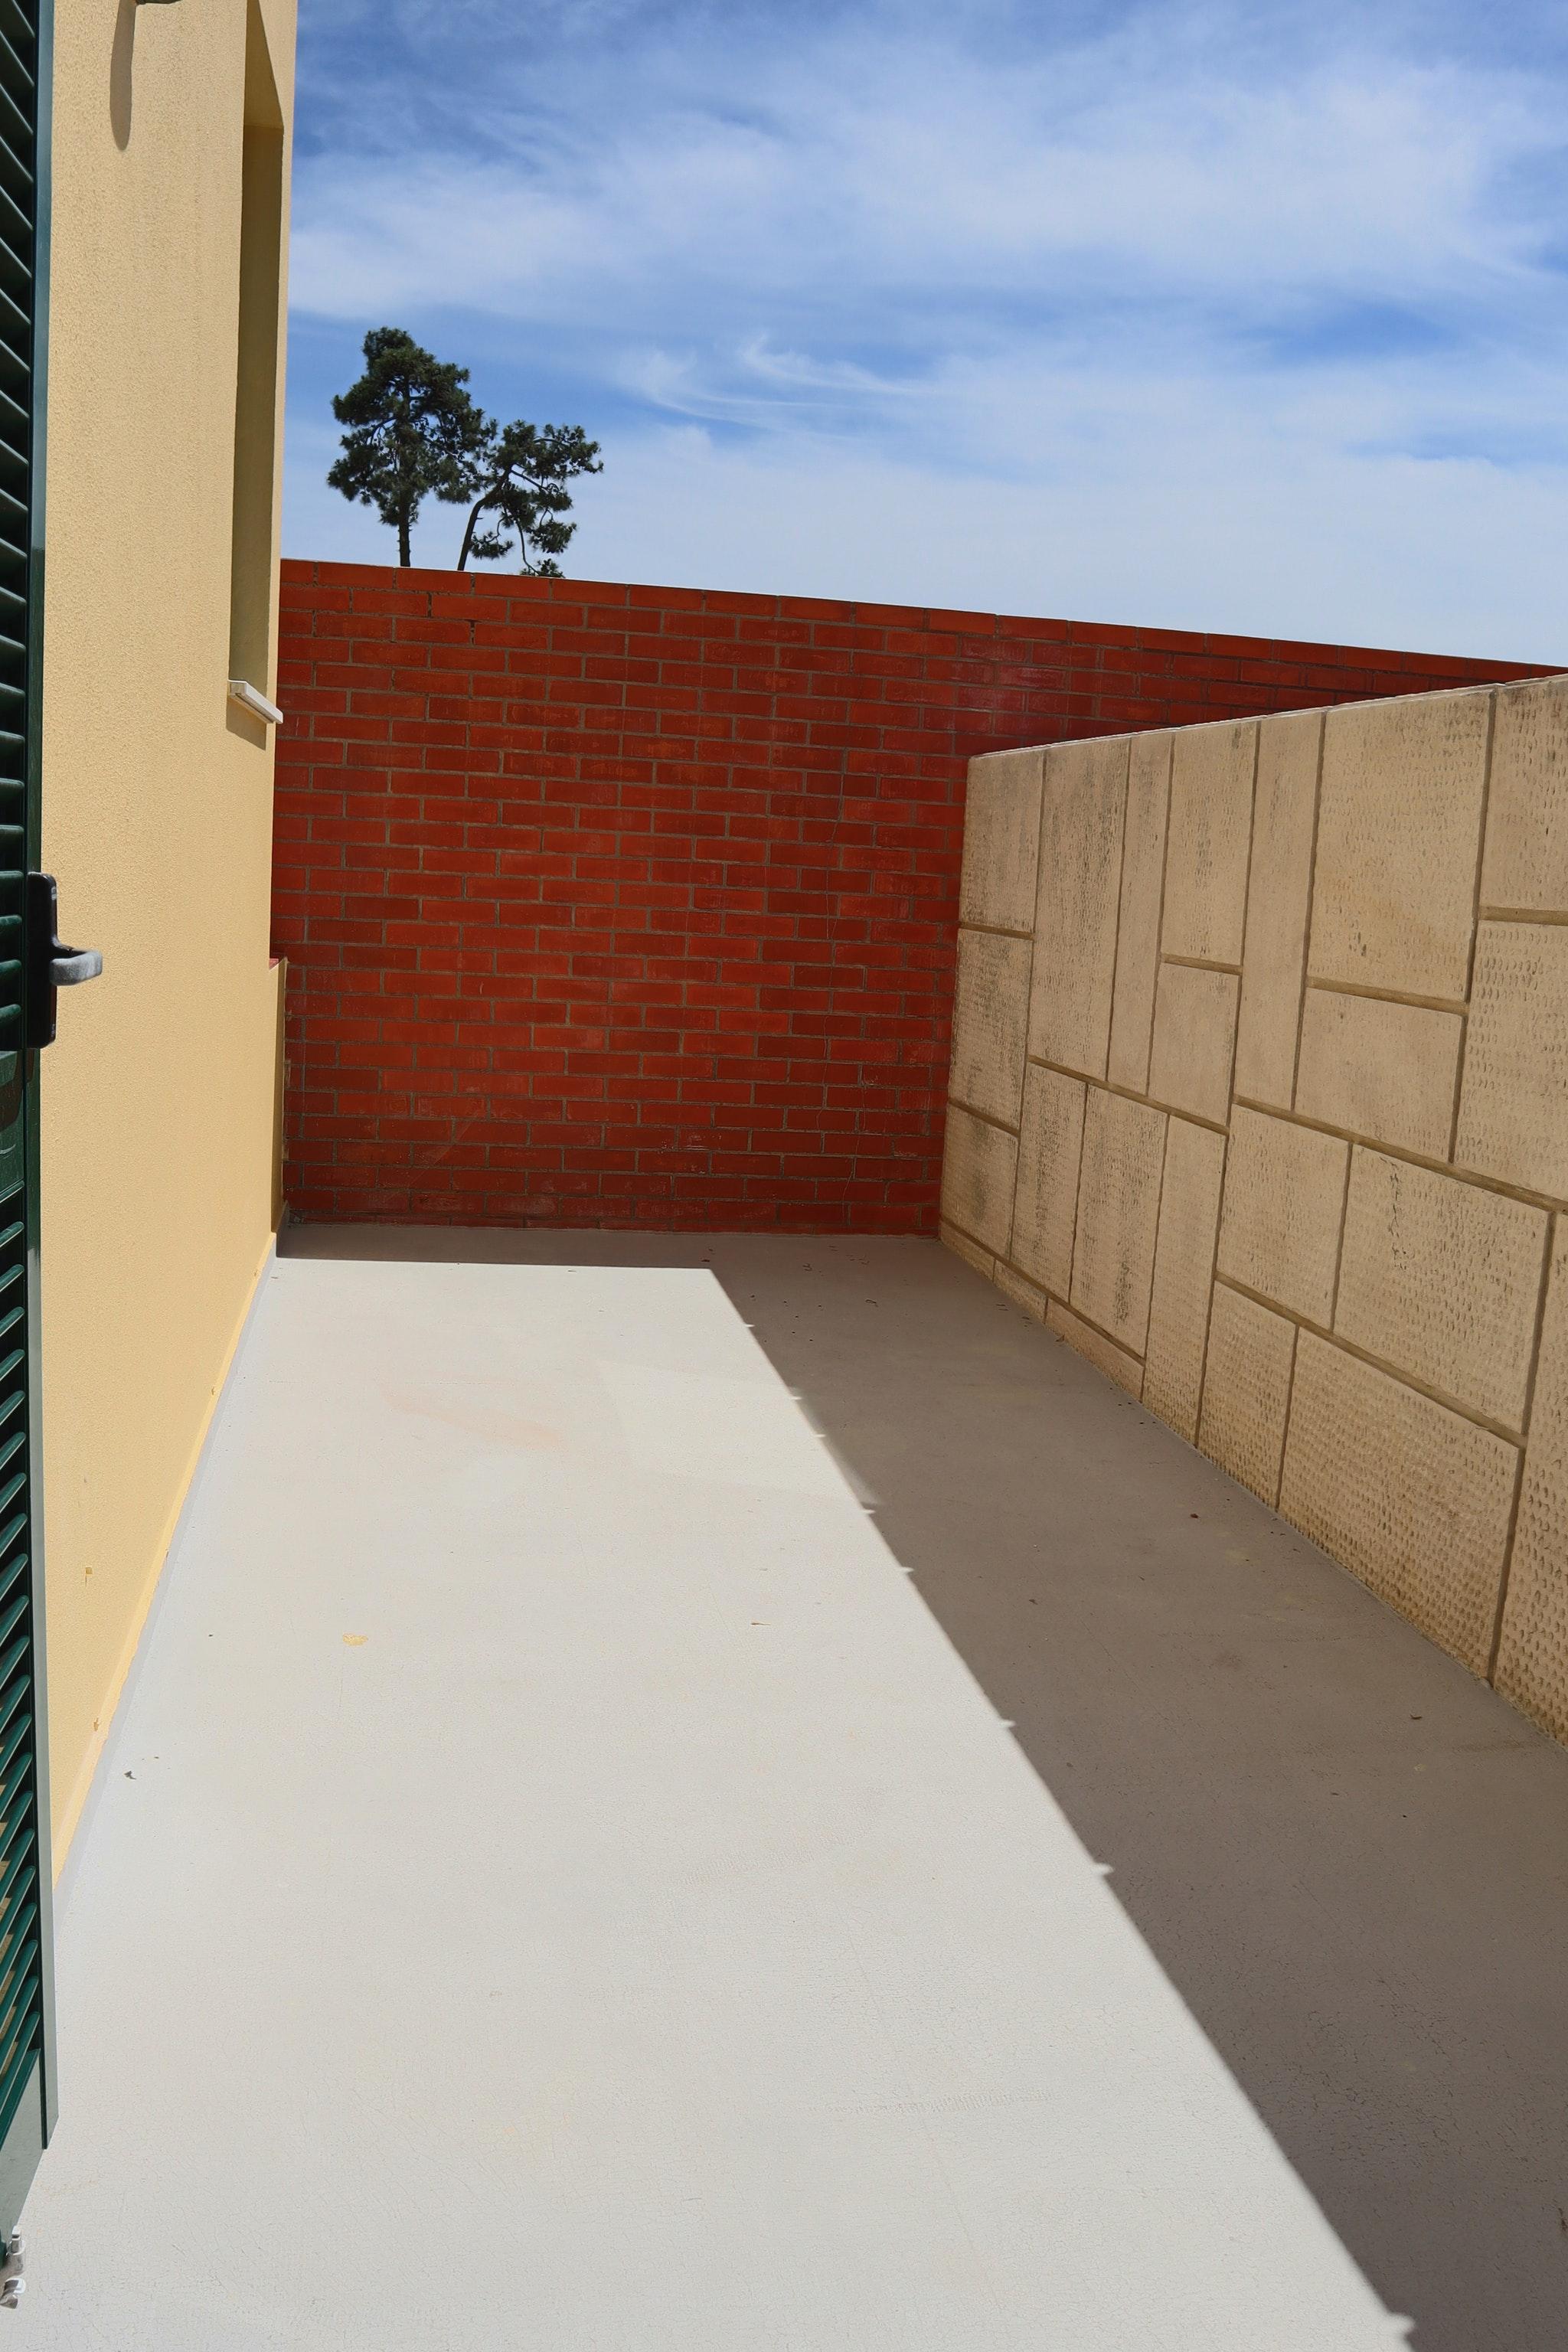 Ferienhaus Villa mit 4 Schlafzimmern in Praia de Mira mit privatem Pool, eingezäuntem Garten und W-LA (2623071), Praia de Mira, Costa de Prata, Zentral-Portugal, Portugal, Bild 33